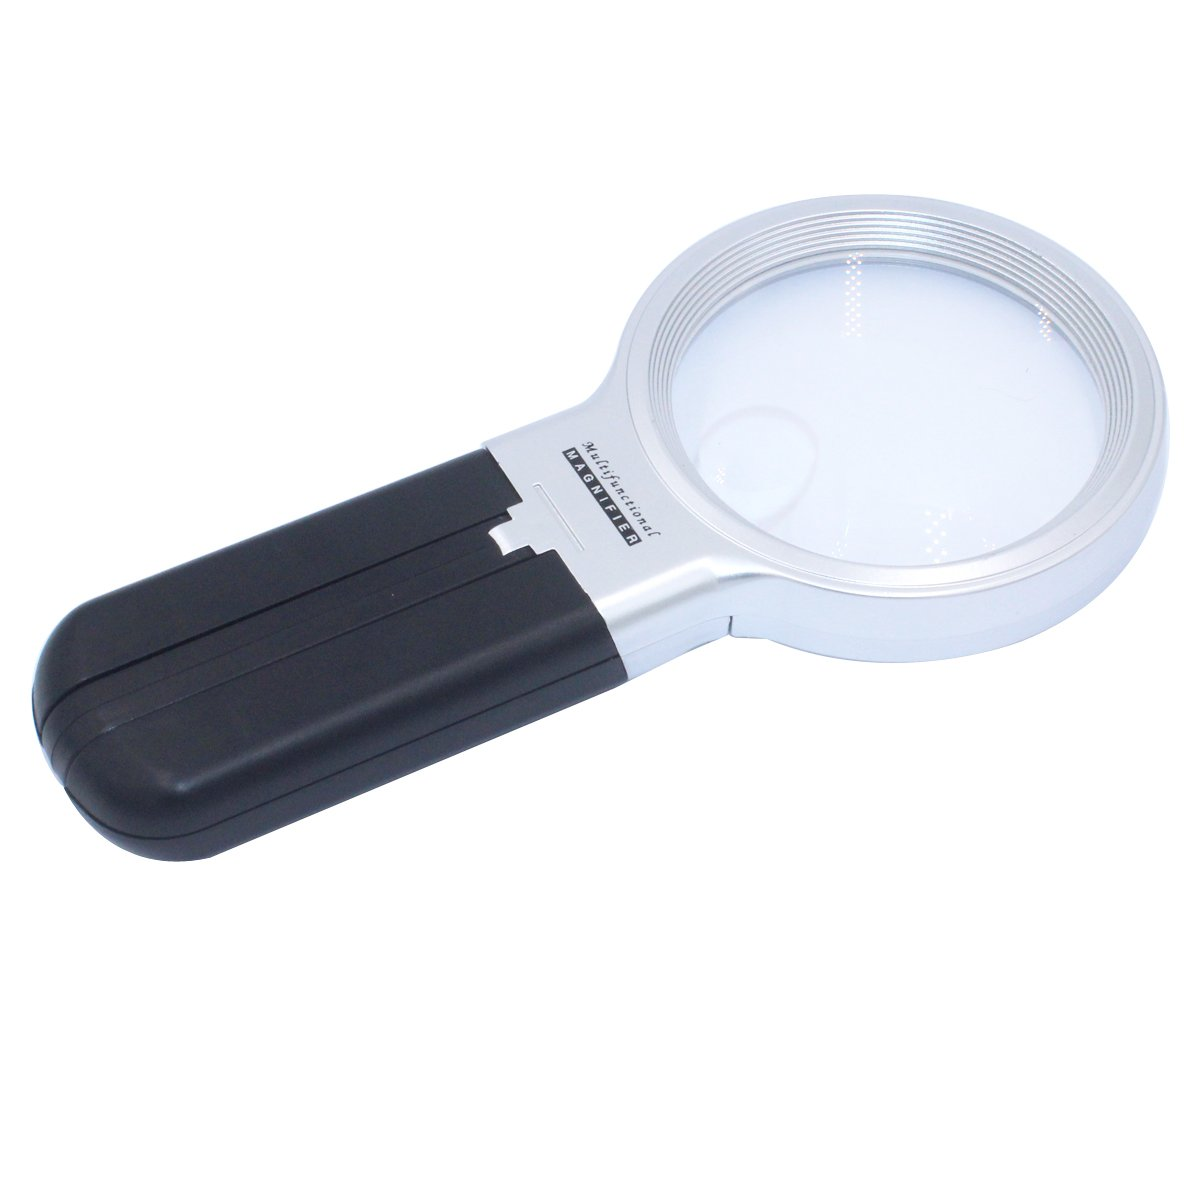 gioielli artigianato Cnmade lente d ingrandimento 3/x lente con 10/LED luce di lettura Loupe mani libere supporto Llluminated lenti d ingrandimento per libri hobby